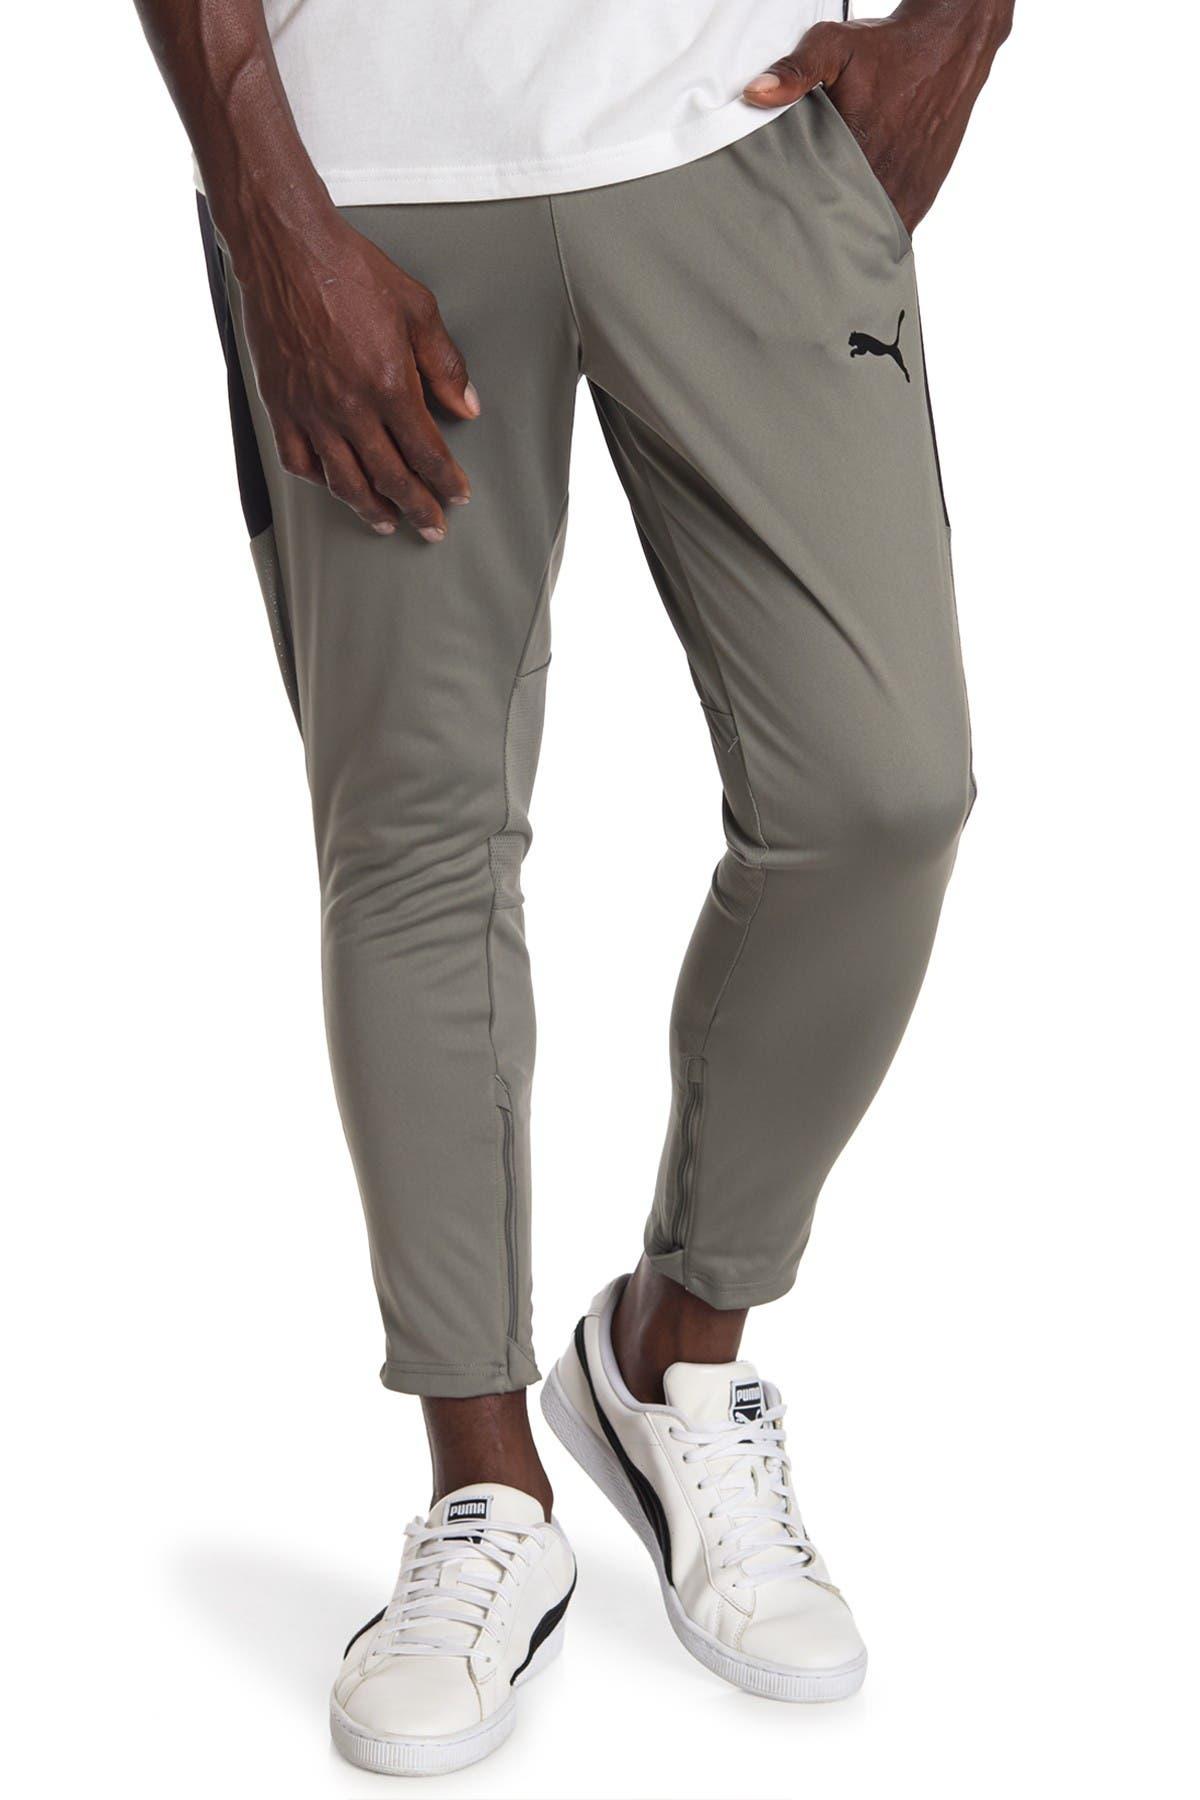 Image of PUMA Blaster Pants